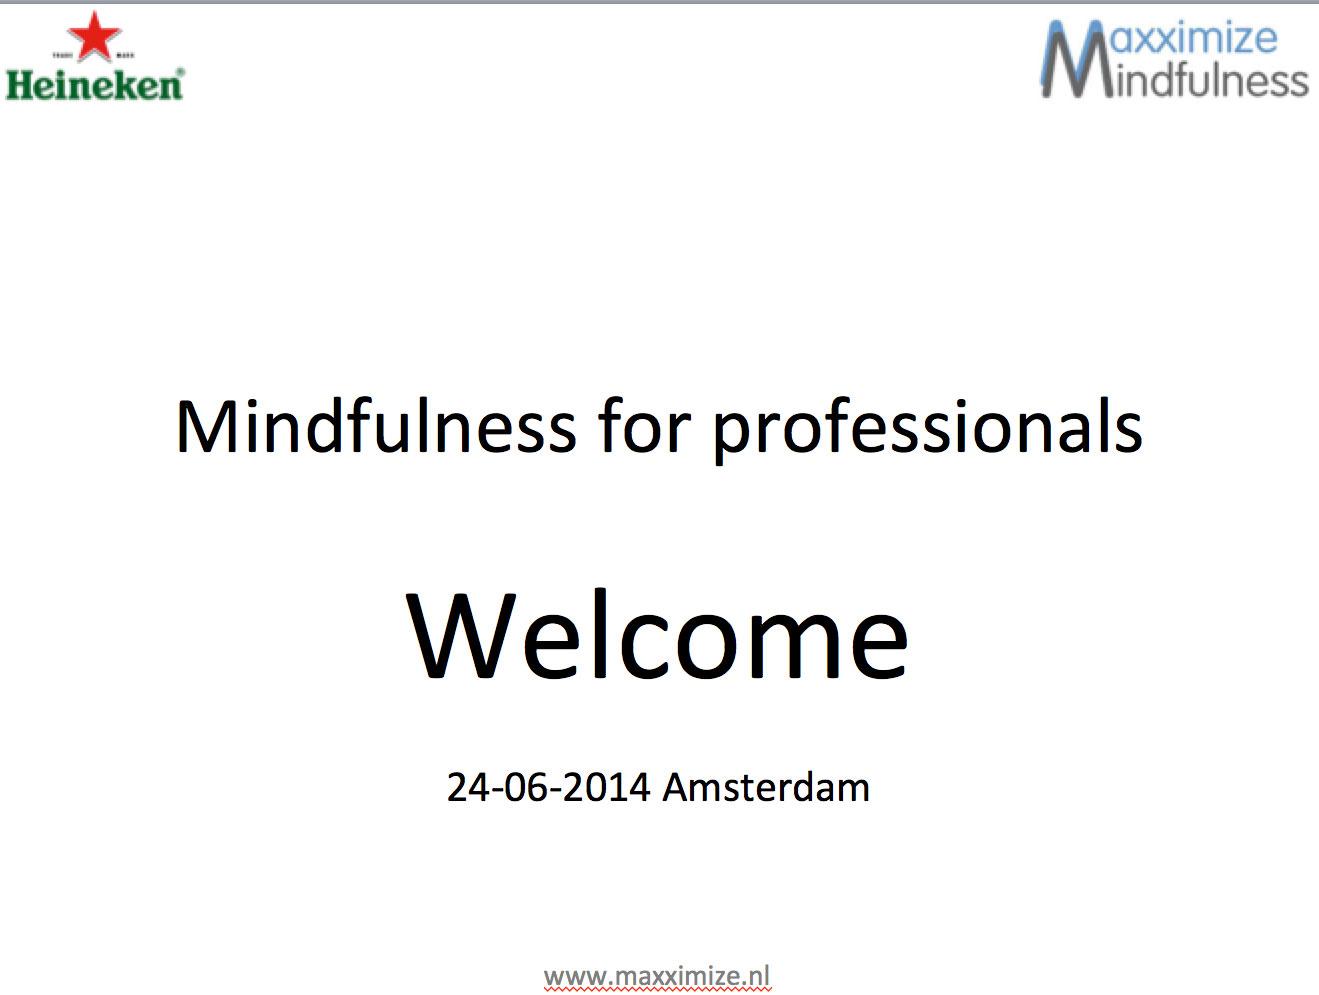 Mindfulness-Heineken-1